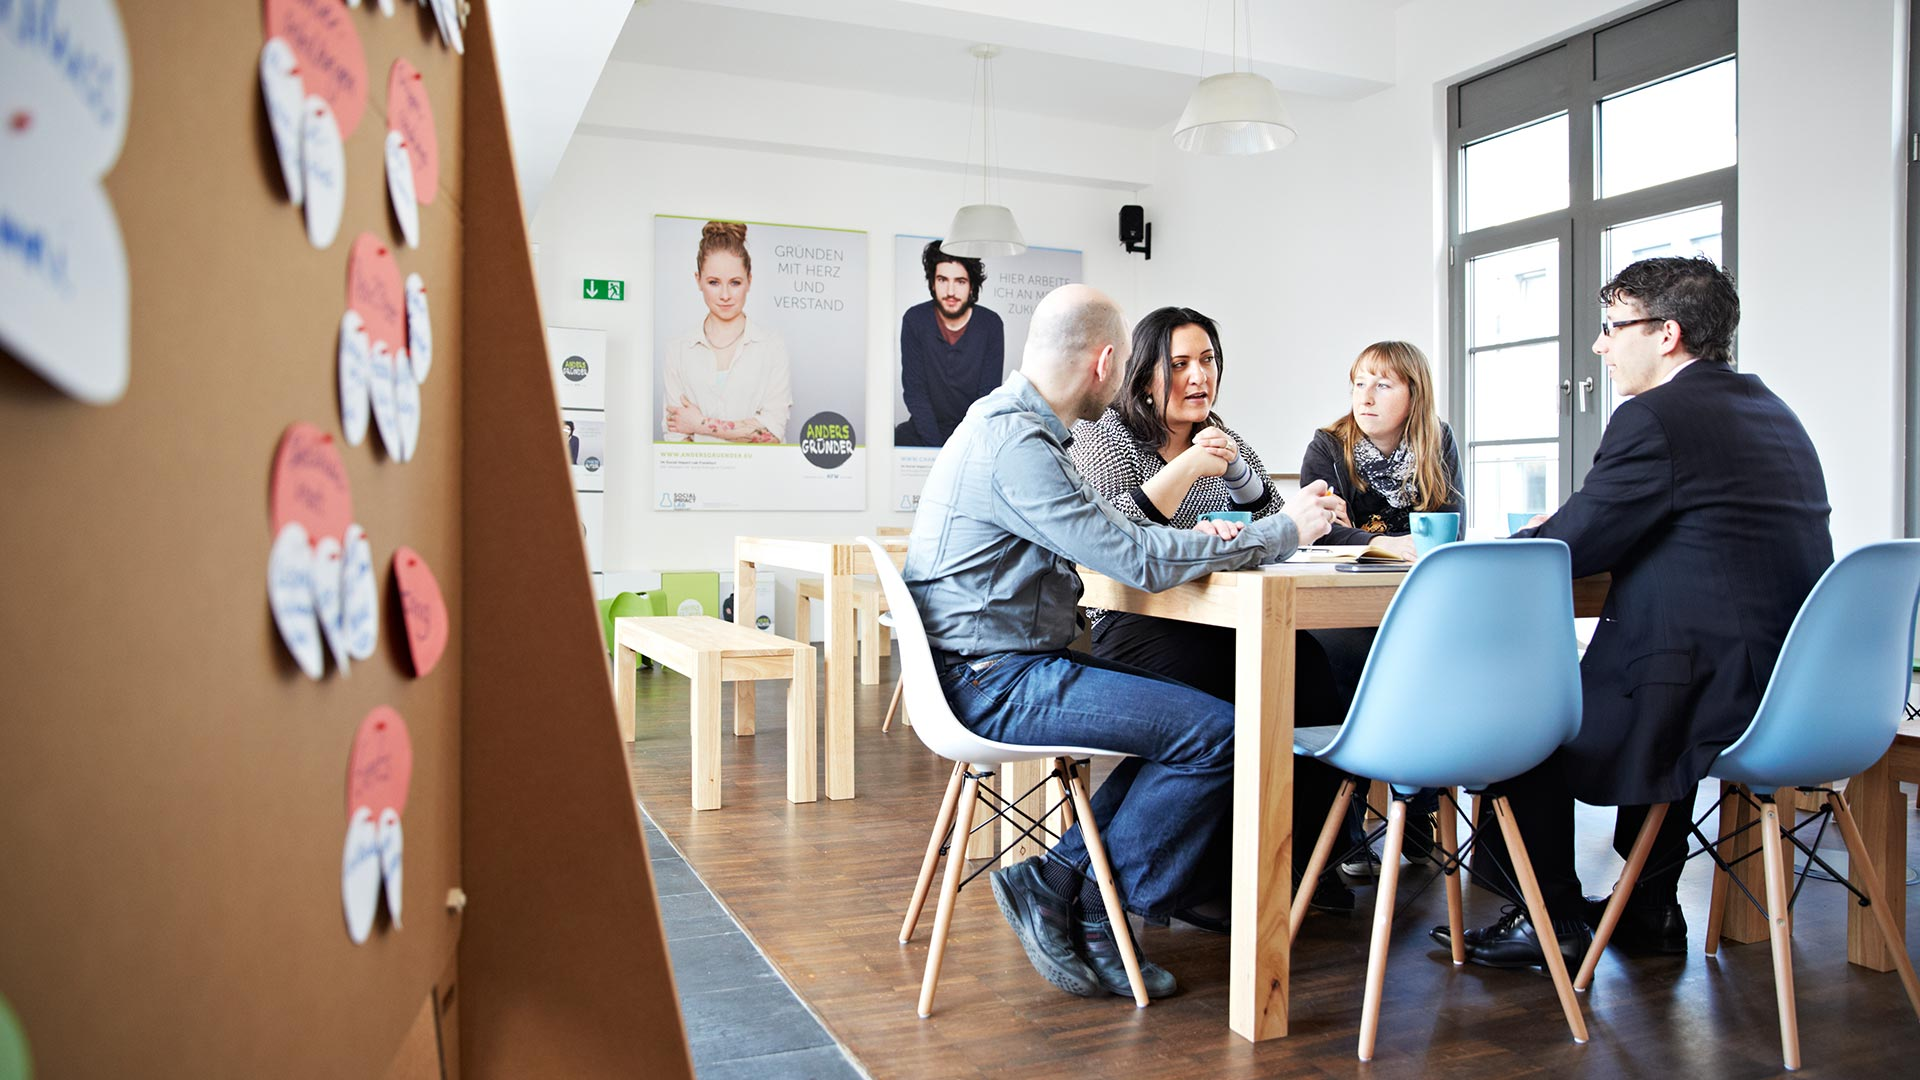 jugoslawische k che frankfurt kleine m cken in k che. Black Bedroom Furniture Sets. Home Design Ideas